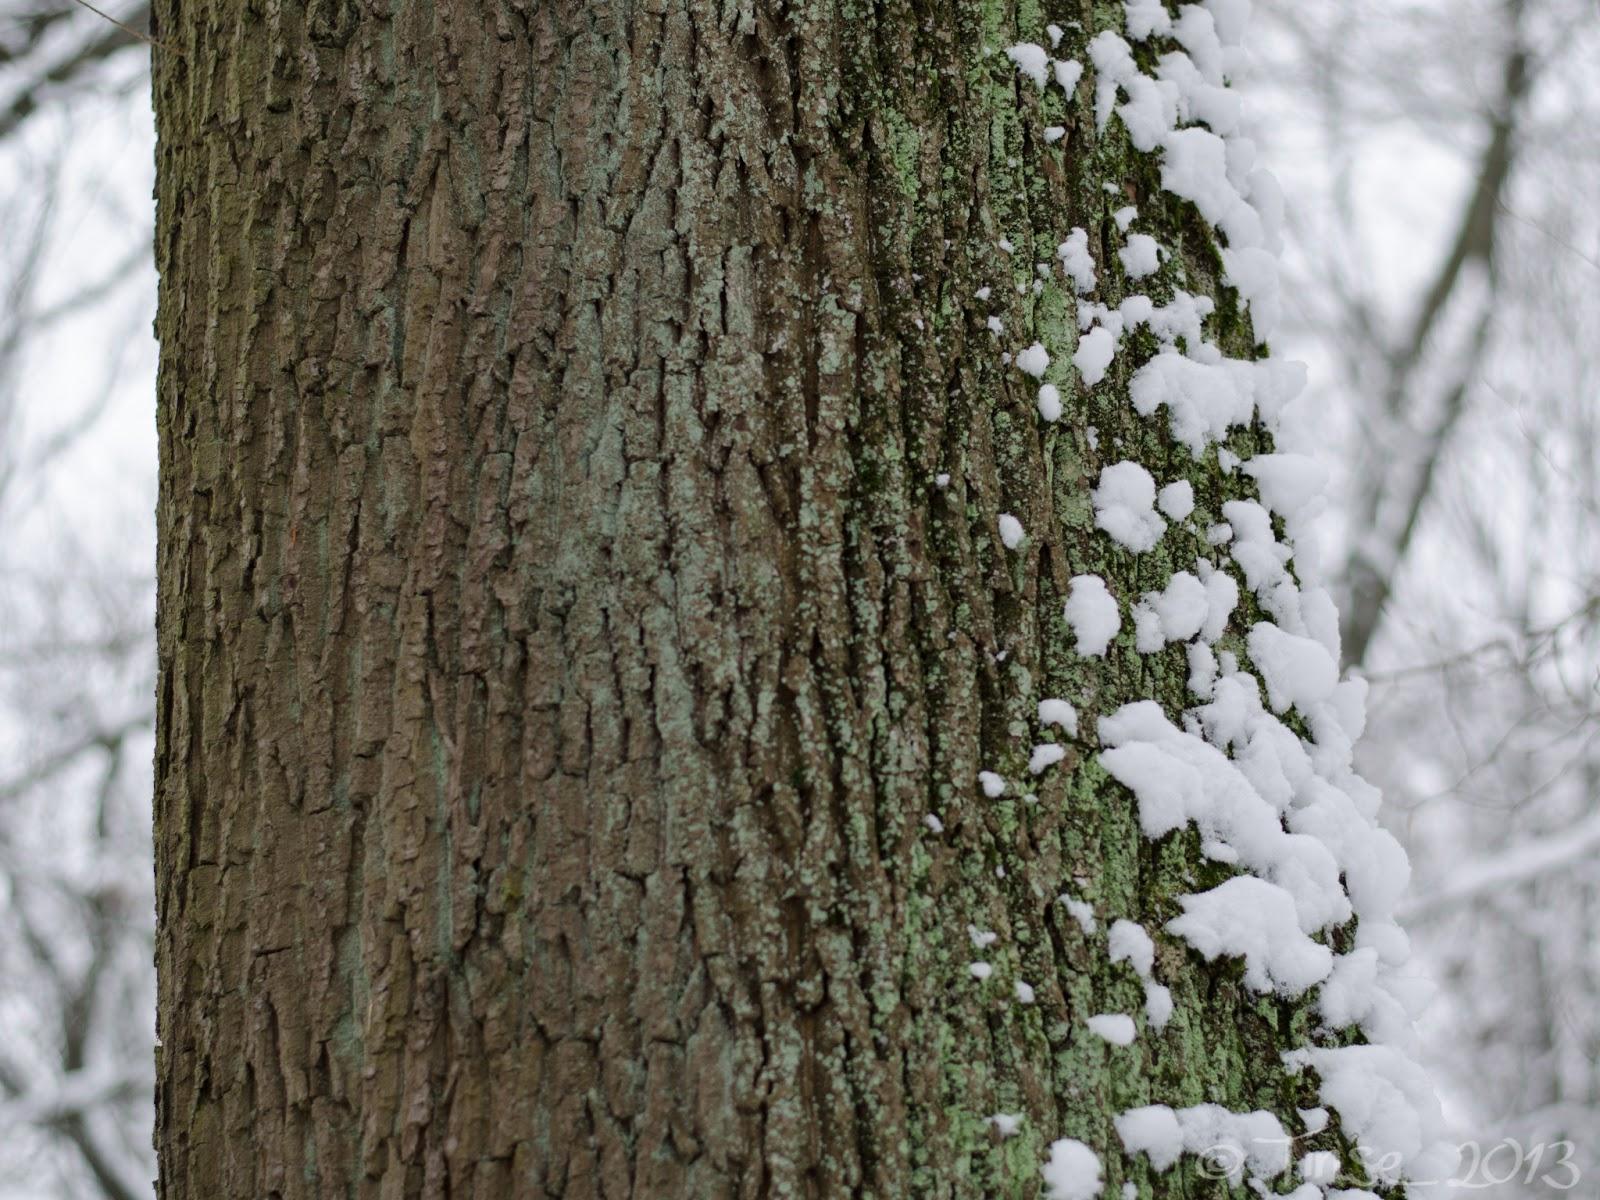 Die Anderen Winterland Beiträge Findet Ihr Wie Immer Bei Nic. Ich Muss  Zugeben, Dass Ich Des Winters Jetzt So Langsam Dann Auch überdrüssig Bin.